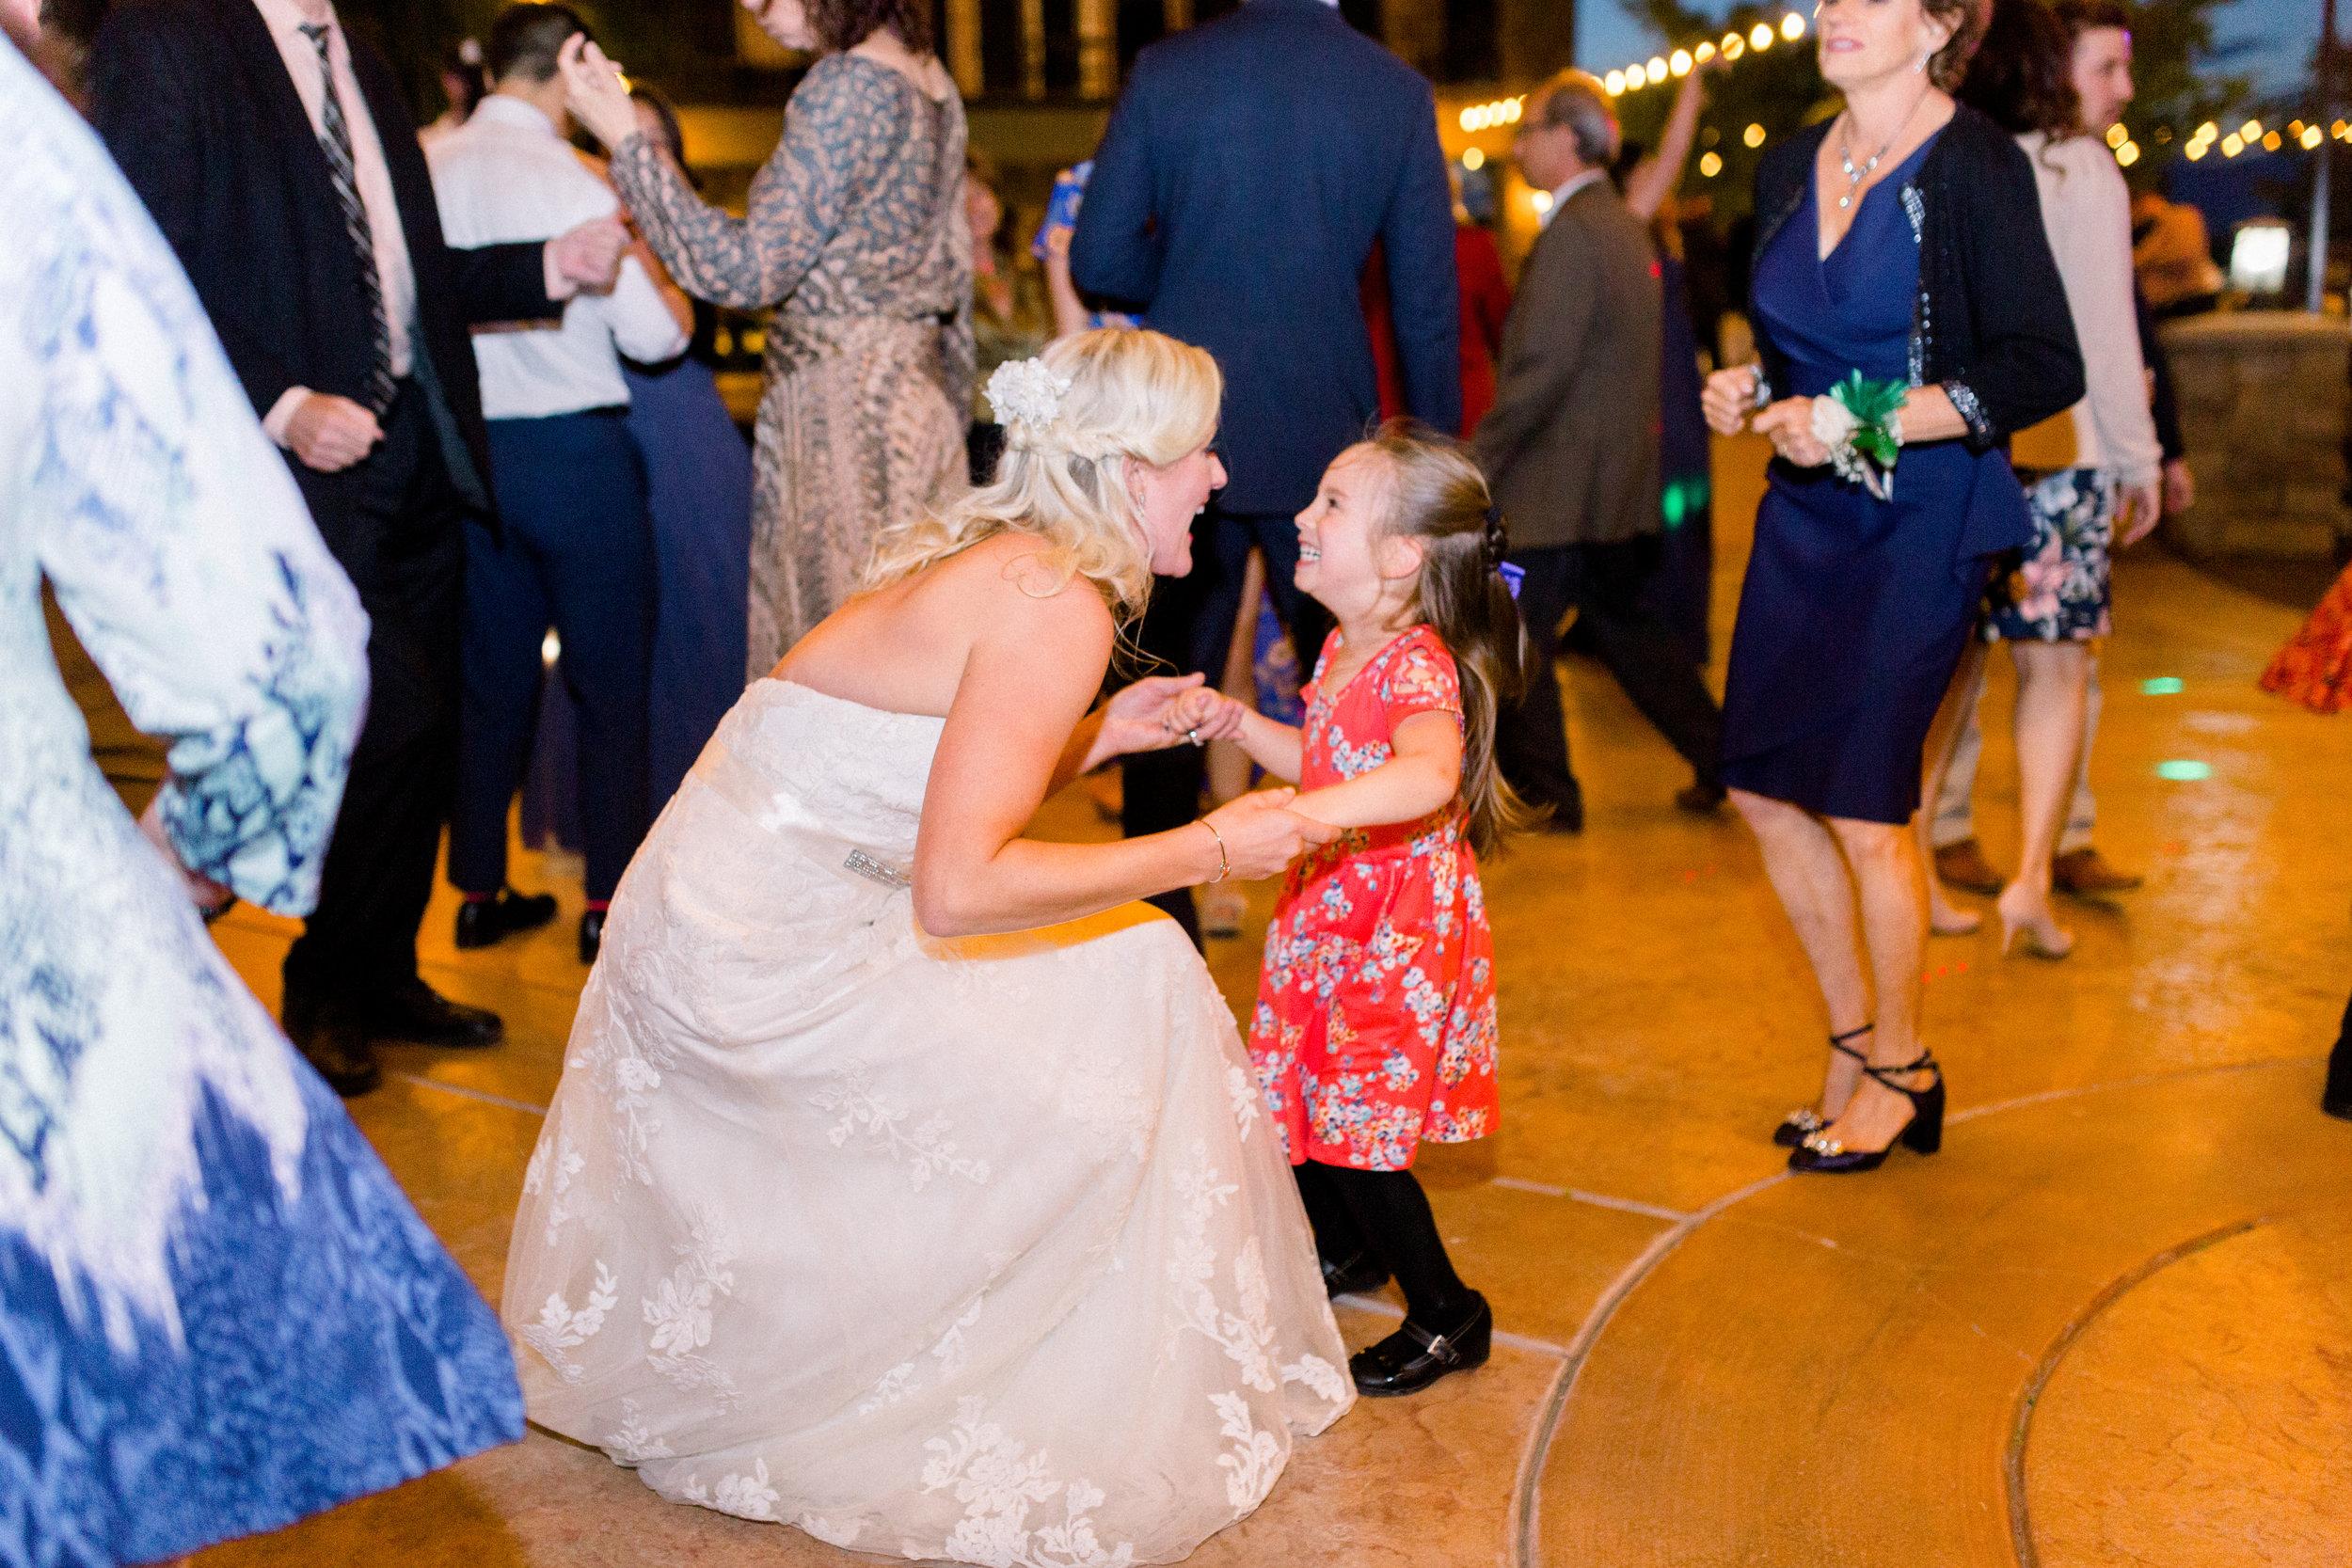 wolfe-heights-event-center-wedding-2-2.jpg